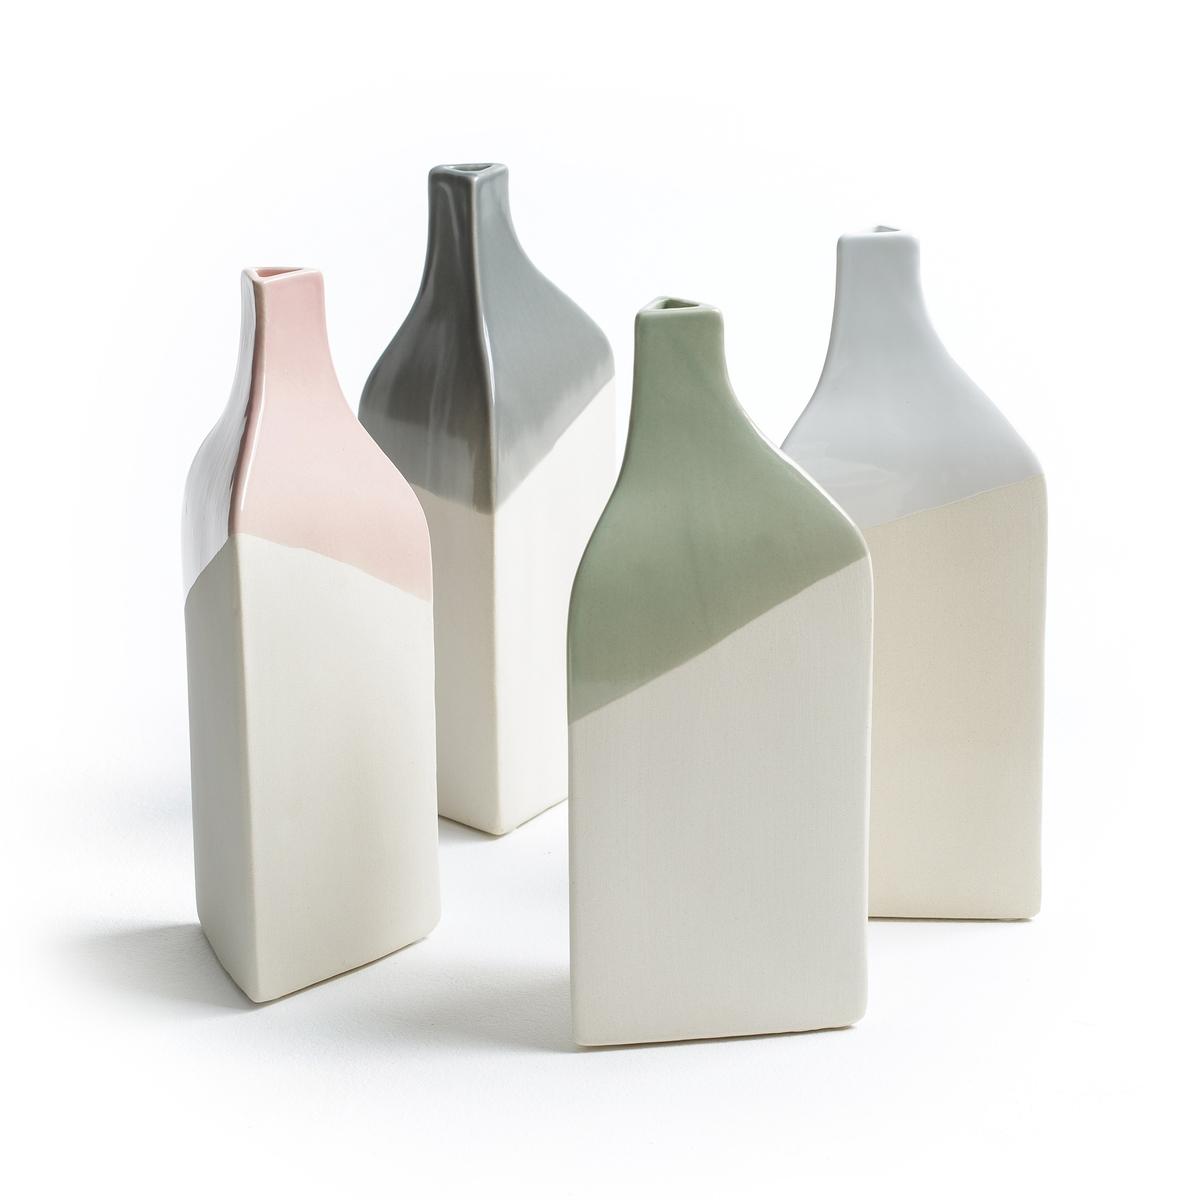 Бутылка декоративная, высота 23 см, AZILAОписание: Оригинальный дизайн, мягкие и романтические цвета, декоративная бутылка Azila от Serax отлично добавляет скандинавского стиля.Характеристики декоративной бутылки Azila :Из керамики, верх покрыт глазурью.Не наполнять водой.Другие предметы декора вы можете найти на  laredoute.ruРазмеры декоративной бутылки Azila :23 x 9,5 x 9,5 см<br><br>Цвет: розовый<br>Размер: единый размер